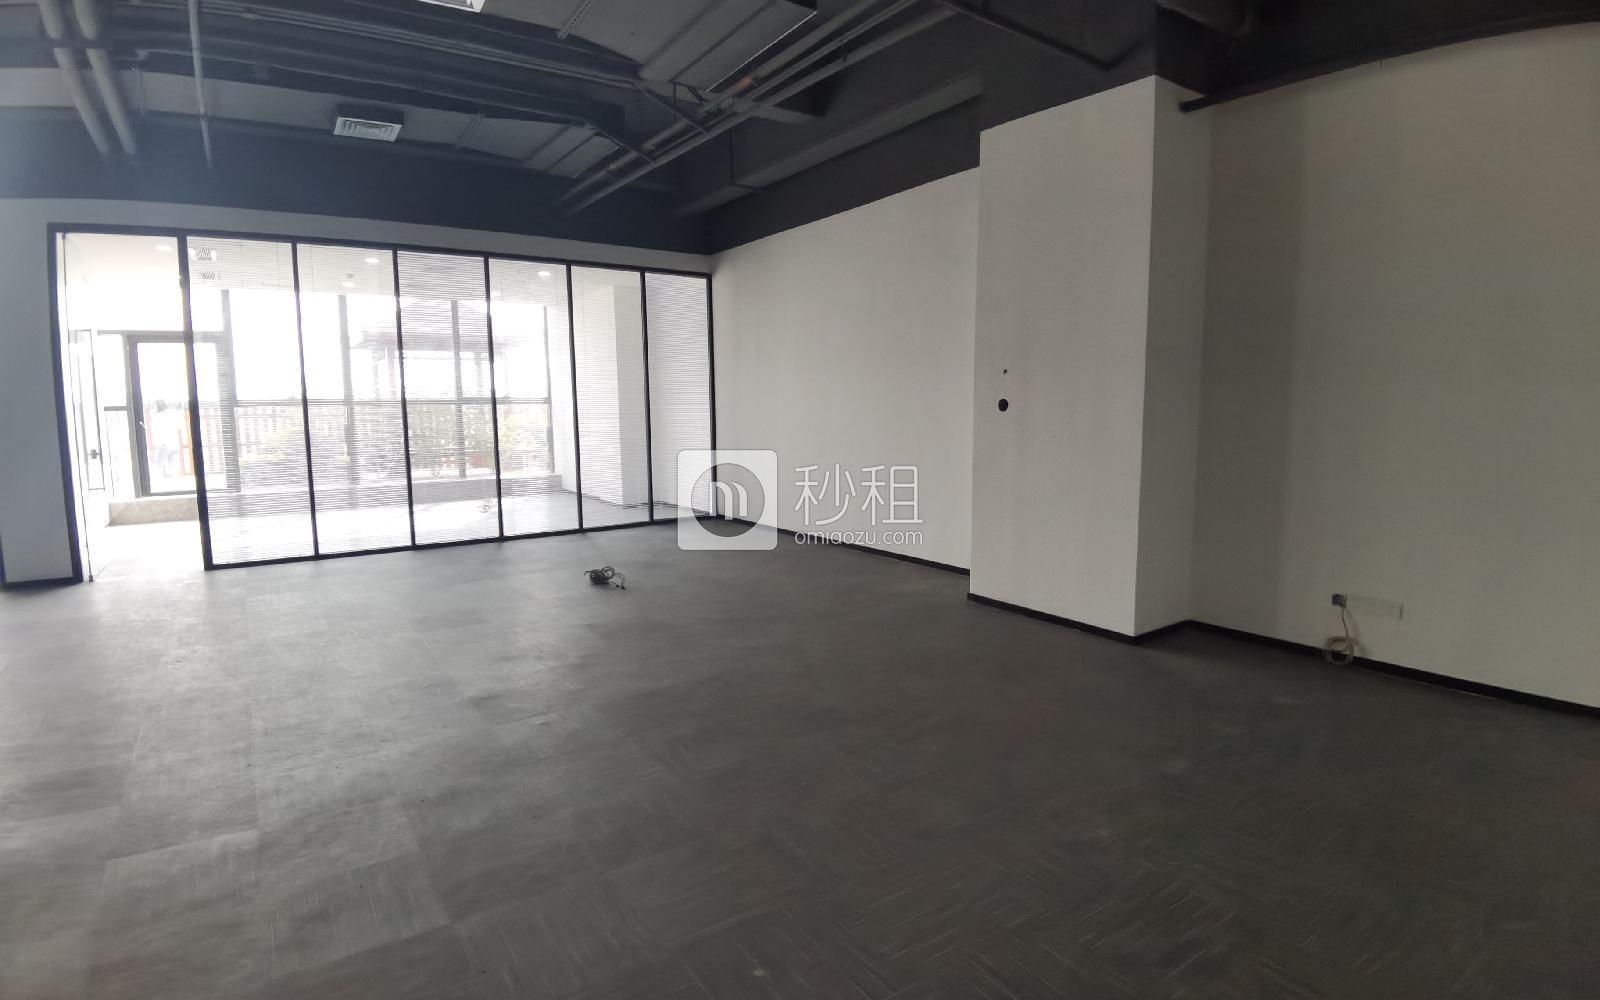 光明-公明 格雅科技大厦 207m²